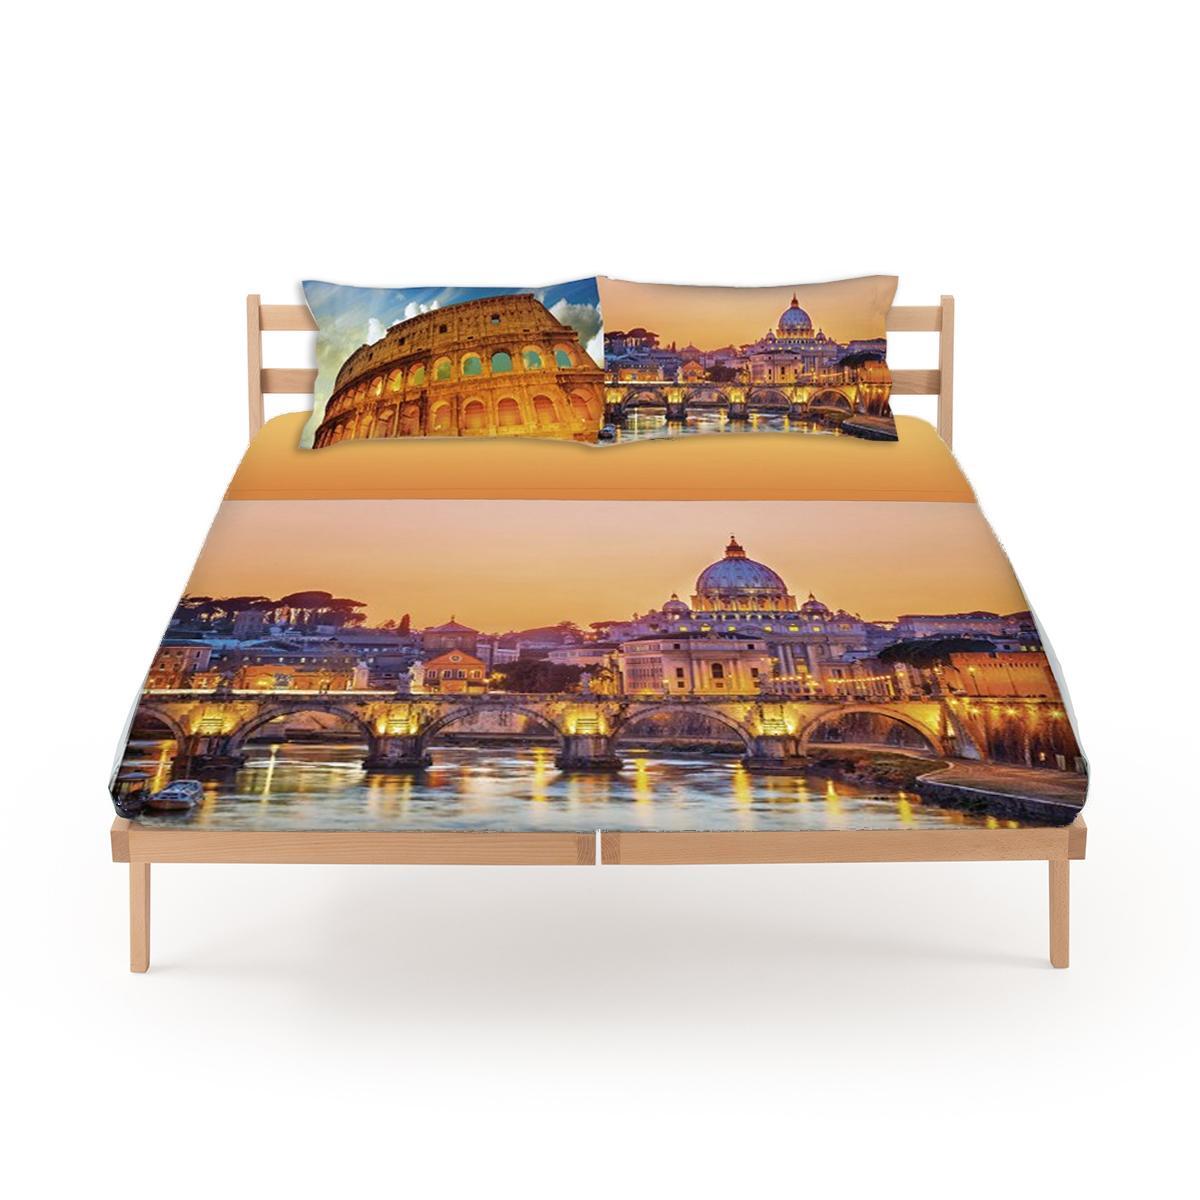 Set lenzuola roma da gabel per letto matrimoniale stampa tridimensionale in puro cotone - Set letto matrimoniale ...